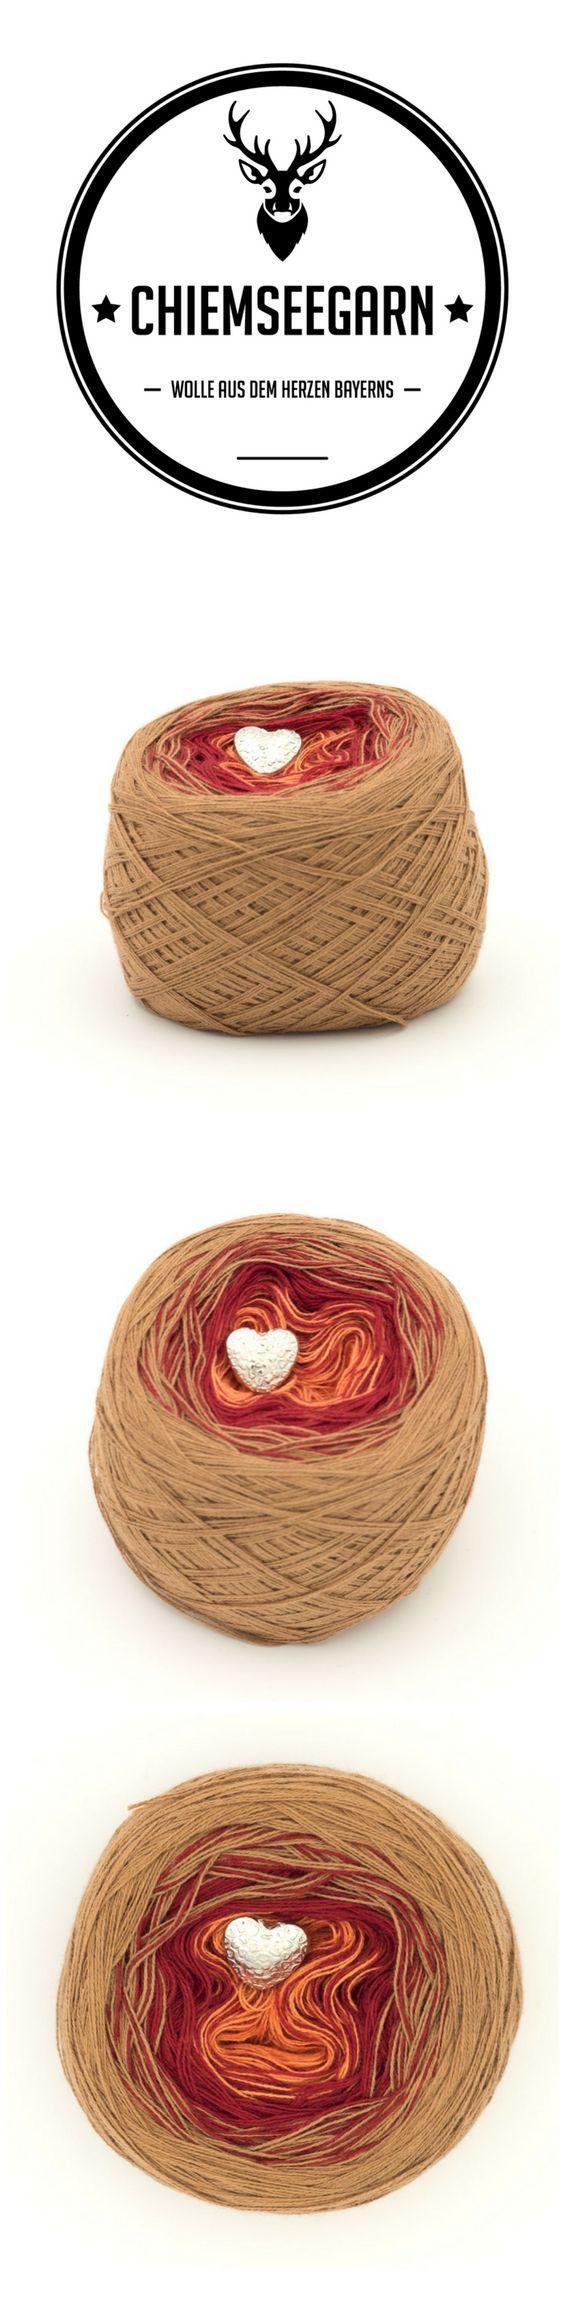 42 besten Wolle Bilder auf Pinterest | Stricken, Farbverlauf und ...